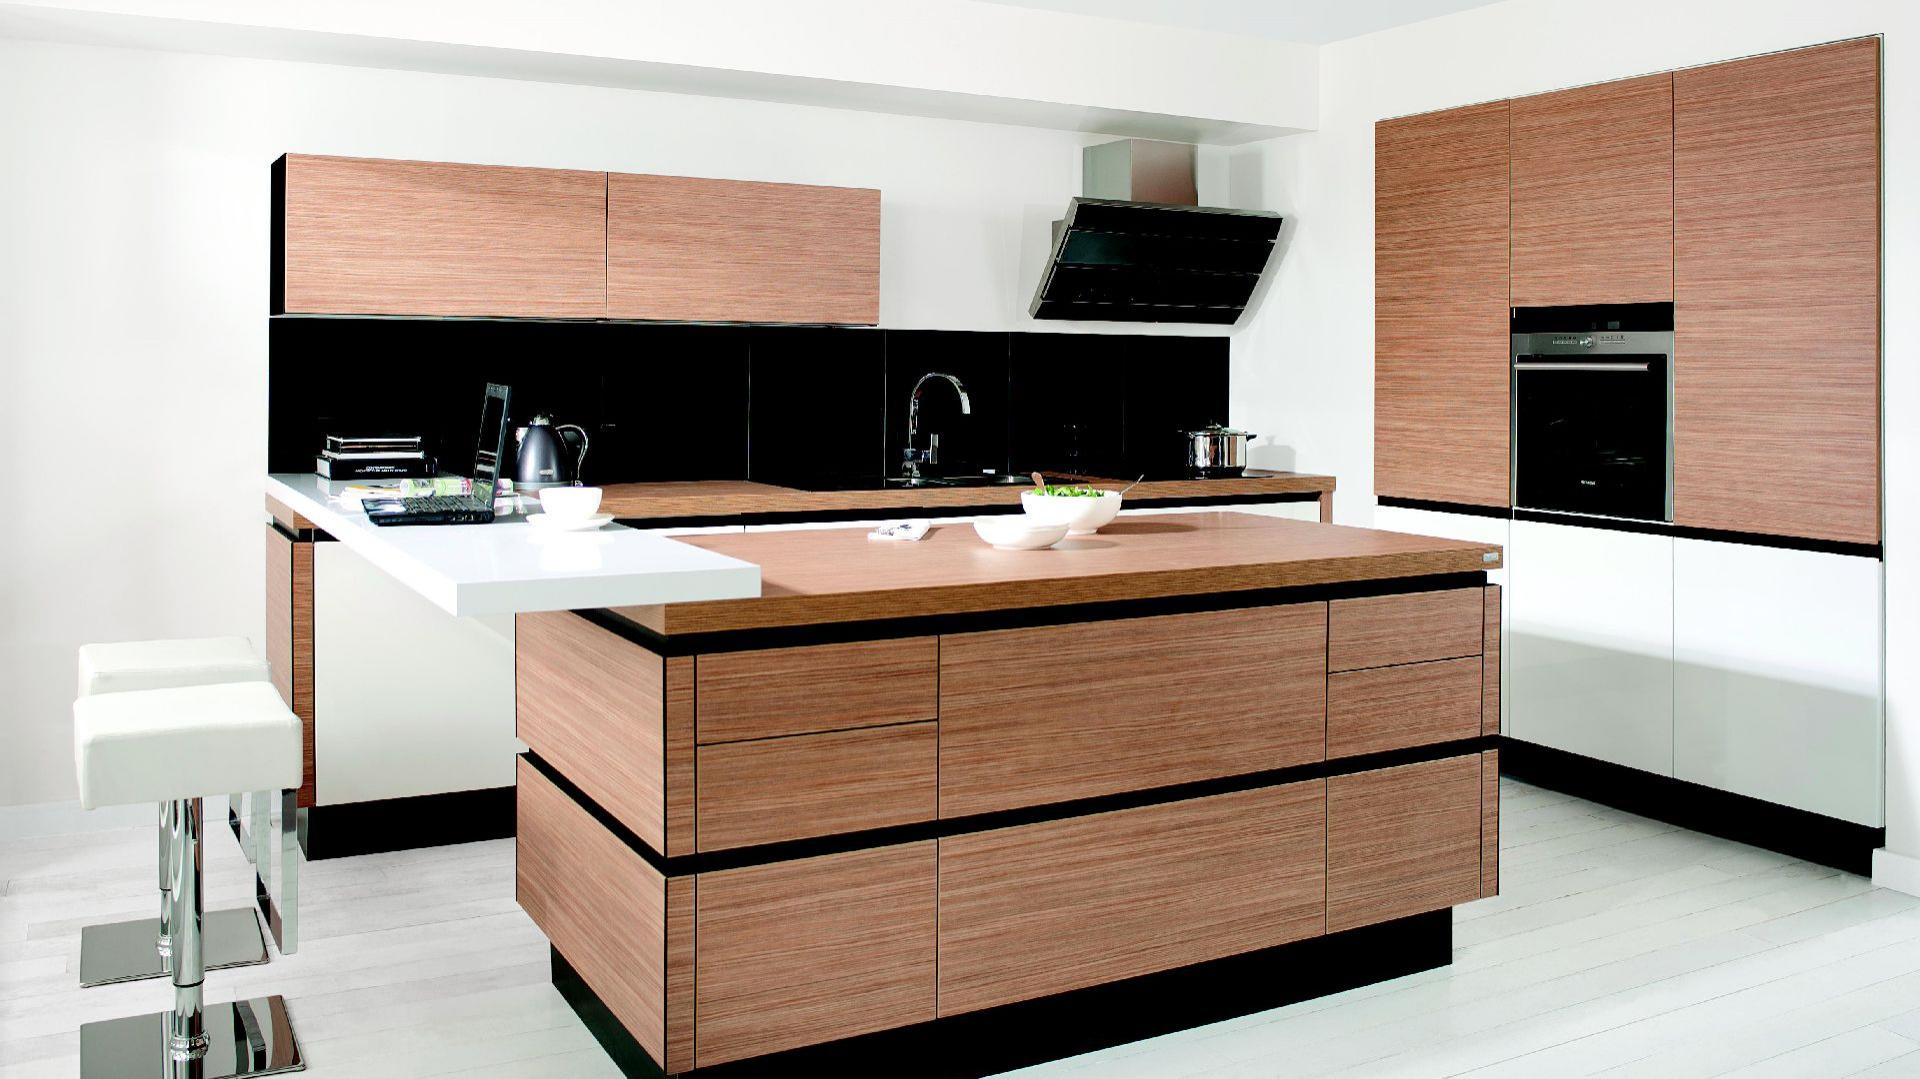 Kuchnia W Drewnie 15 Propozycji Producentów Mebli